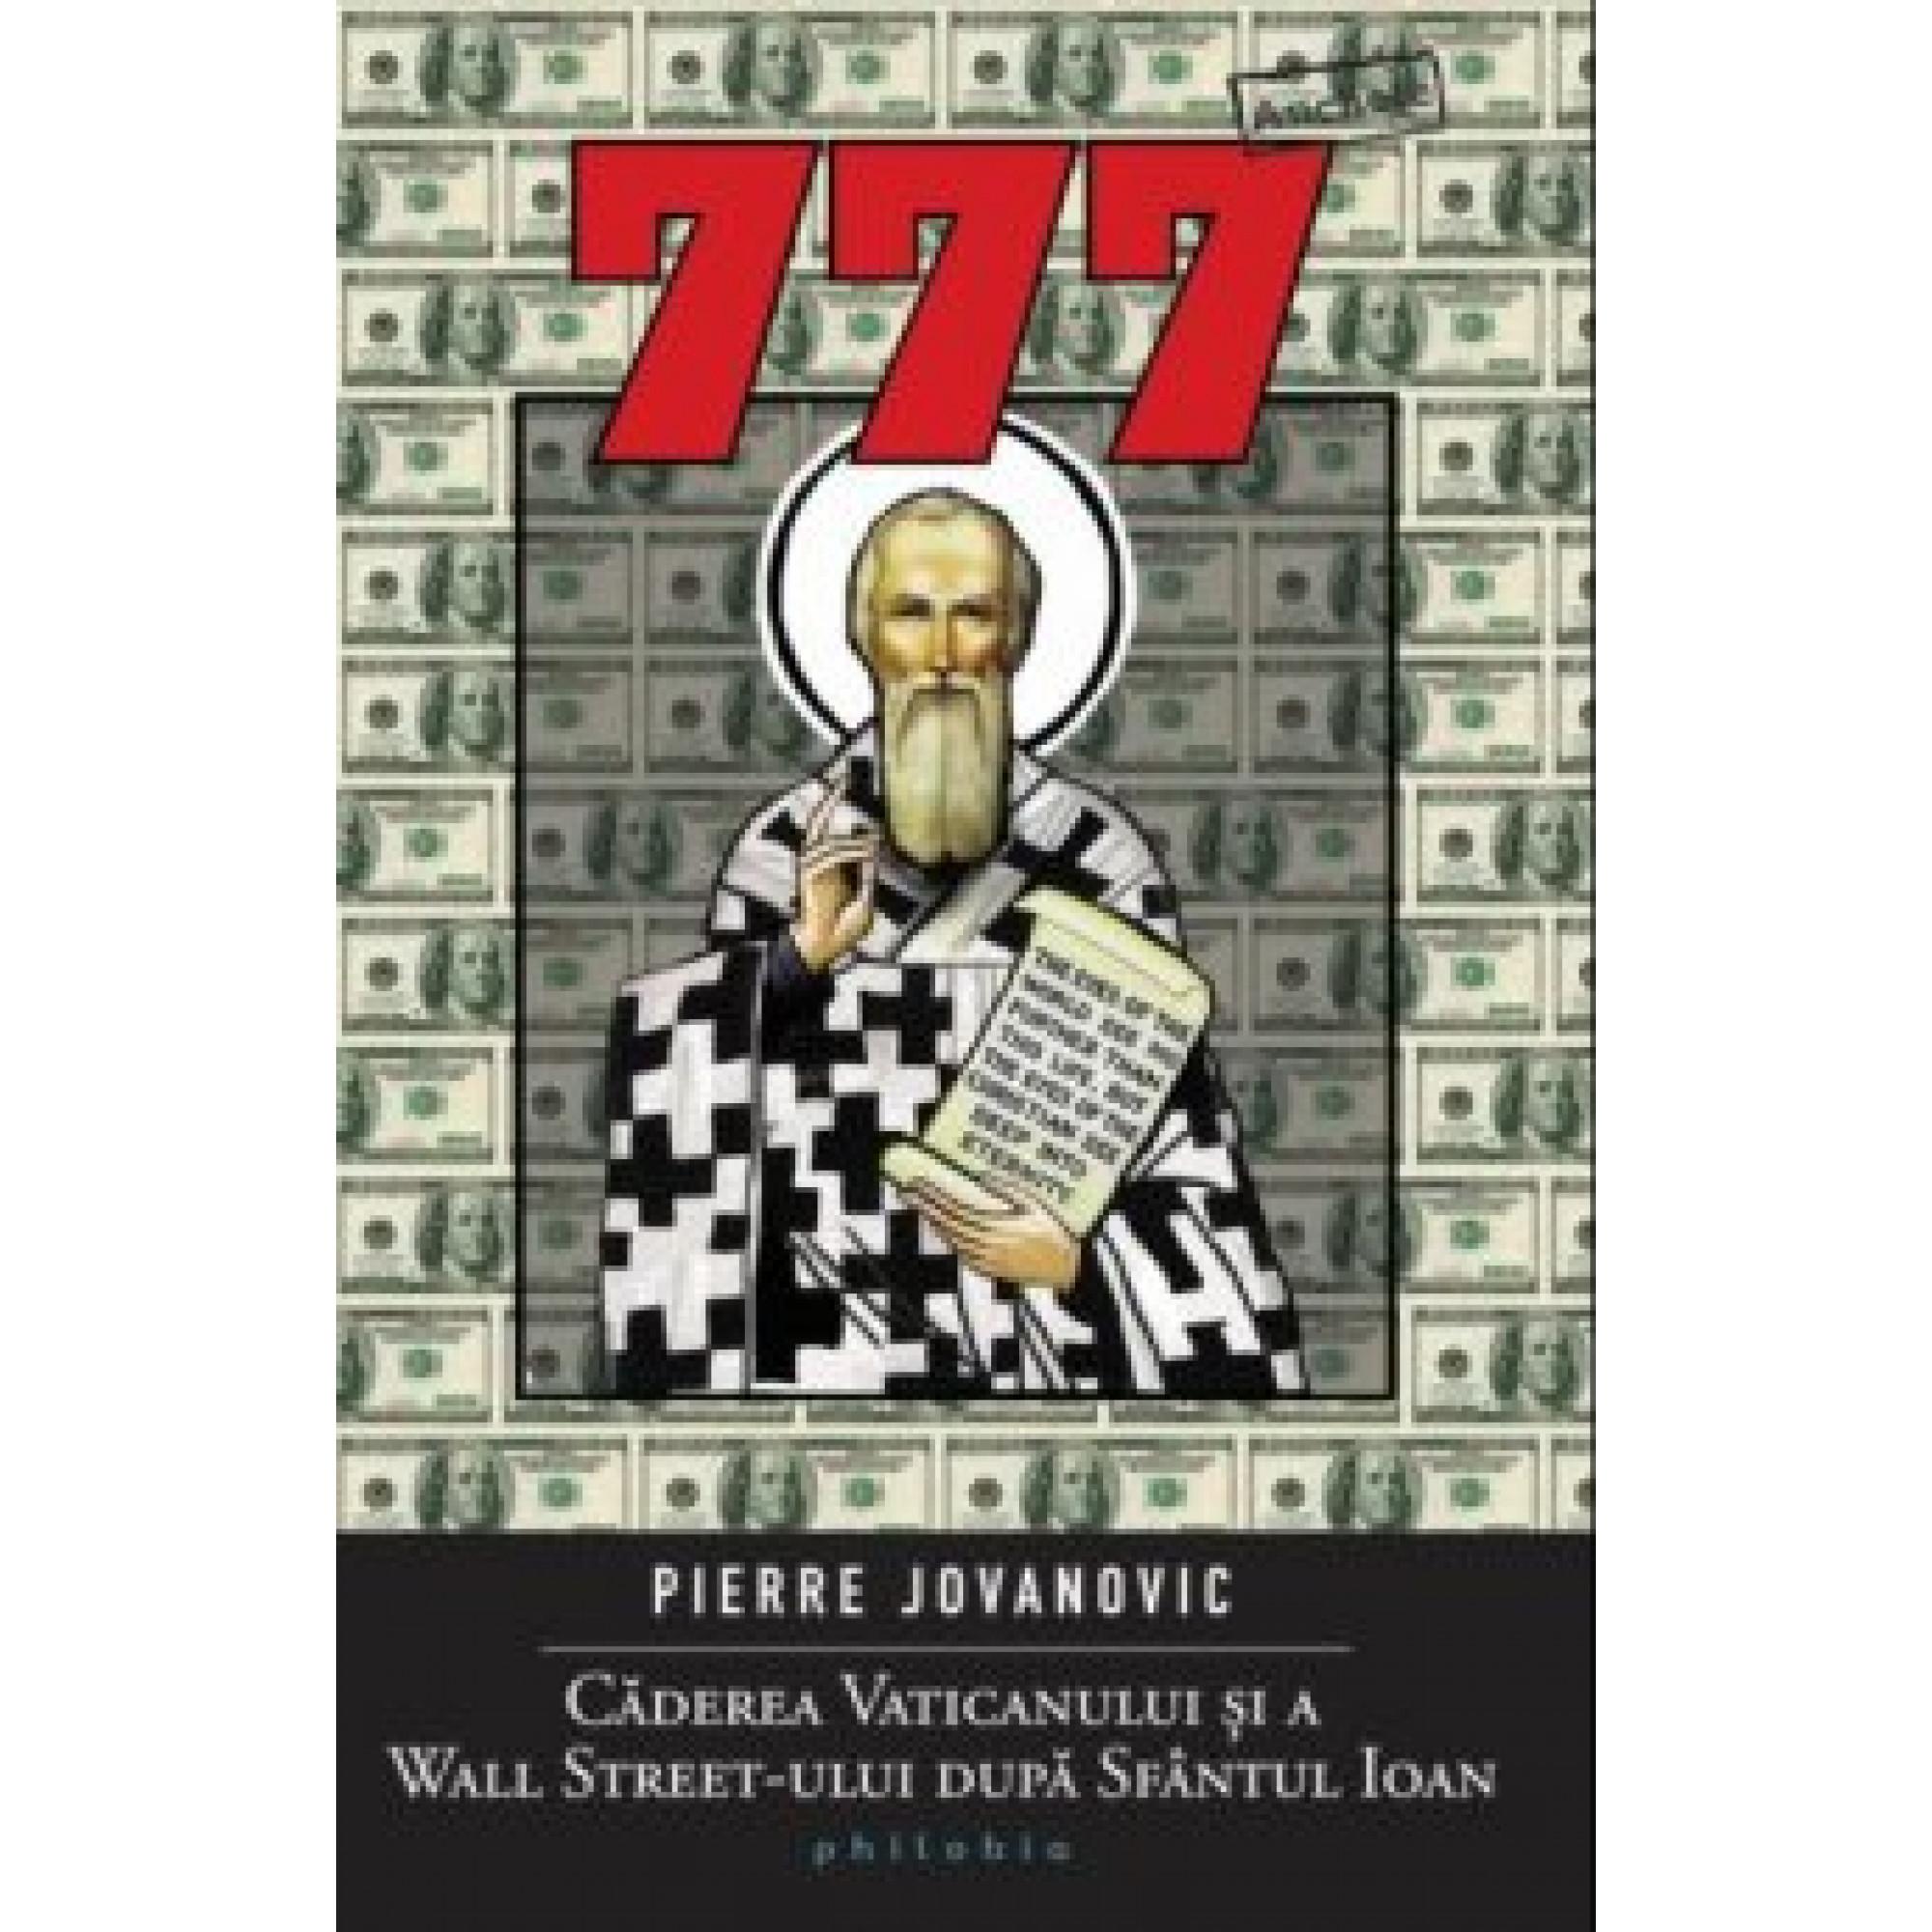 777. Căderea Vaticanului şi a Wall Street-ului după Sfântul Ioan; Pierre Jovanovic